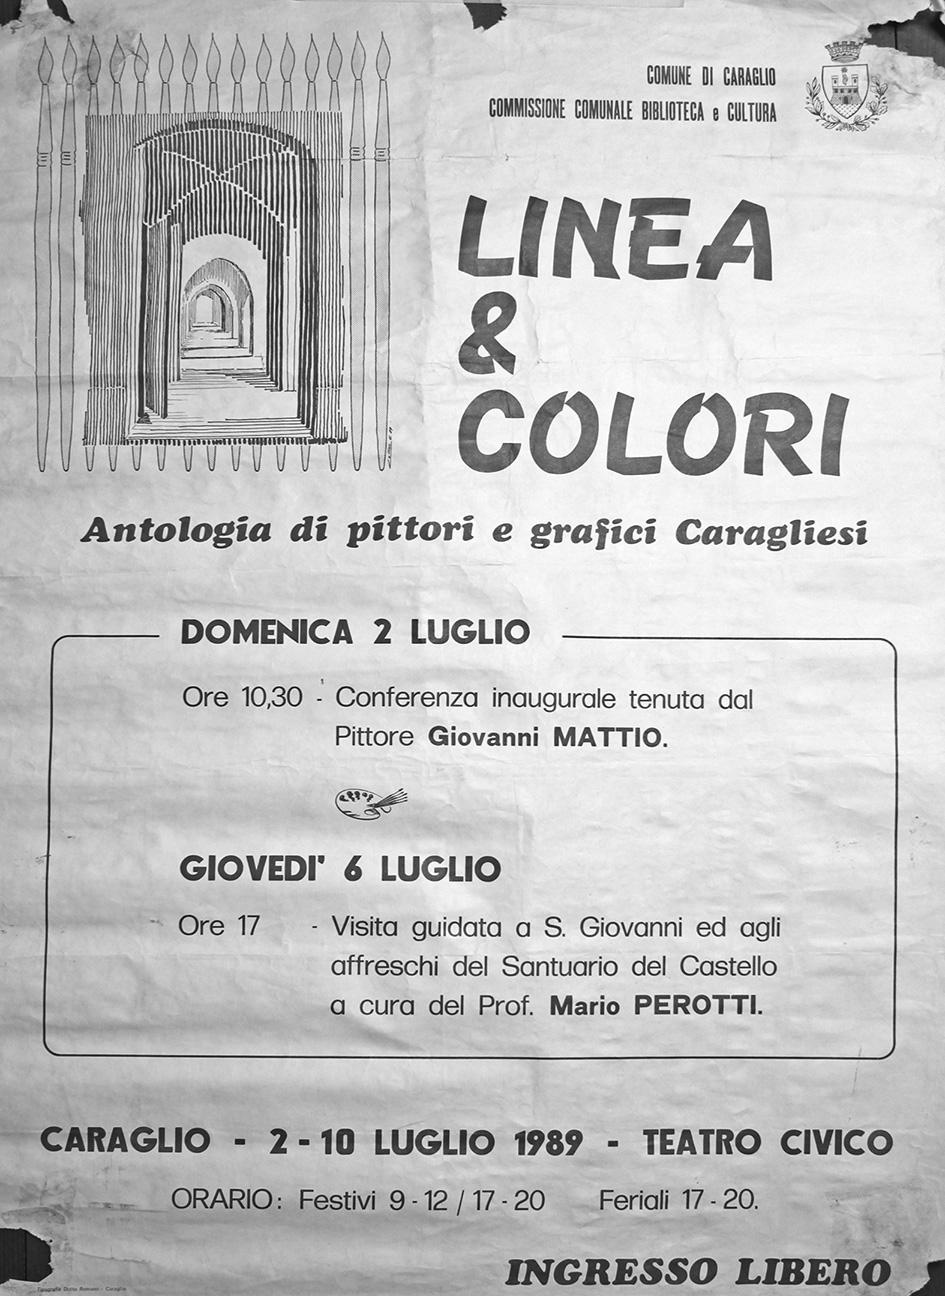 Linea & Colori - 1989 - poster